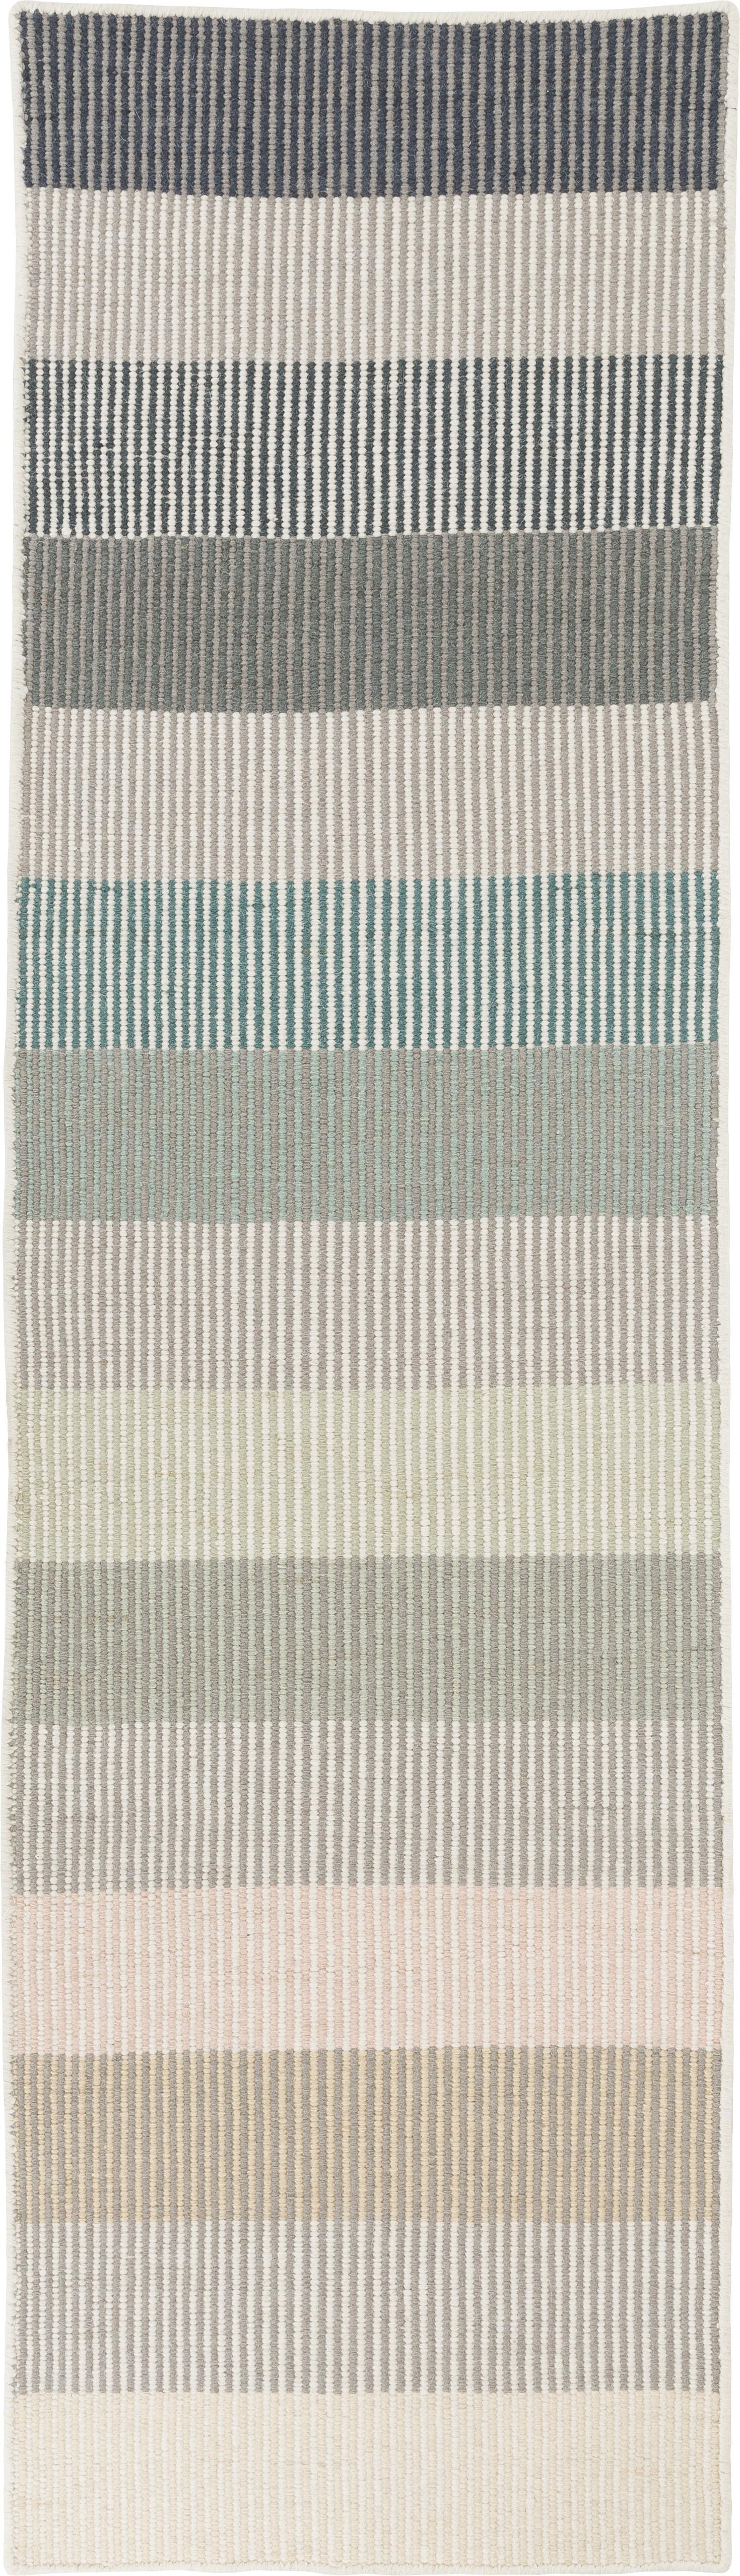 Alfombra de lana artesanal Devise, Multicolor, An 80 x L 280 cm